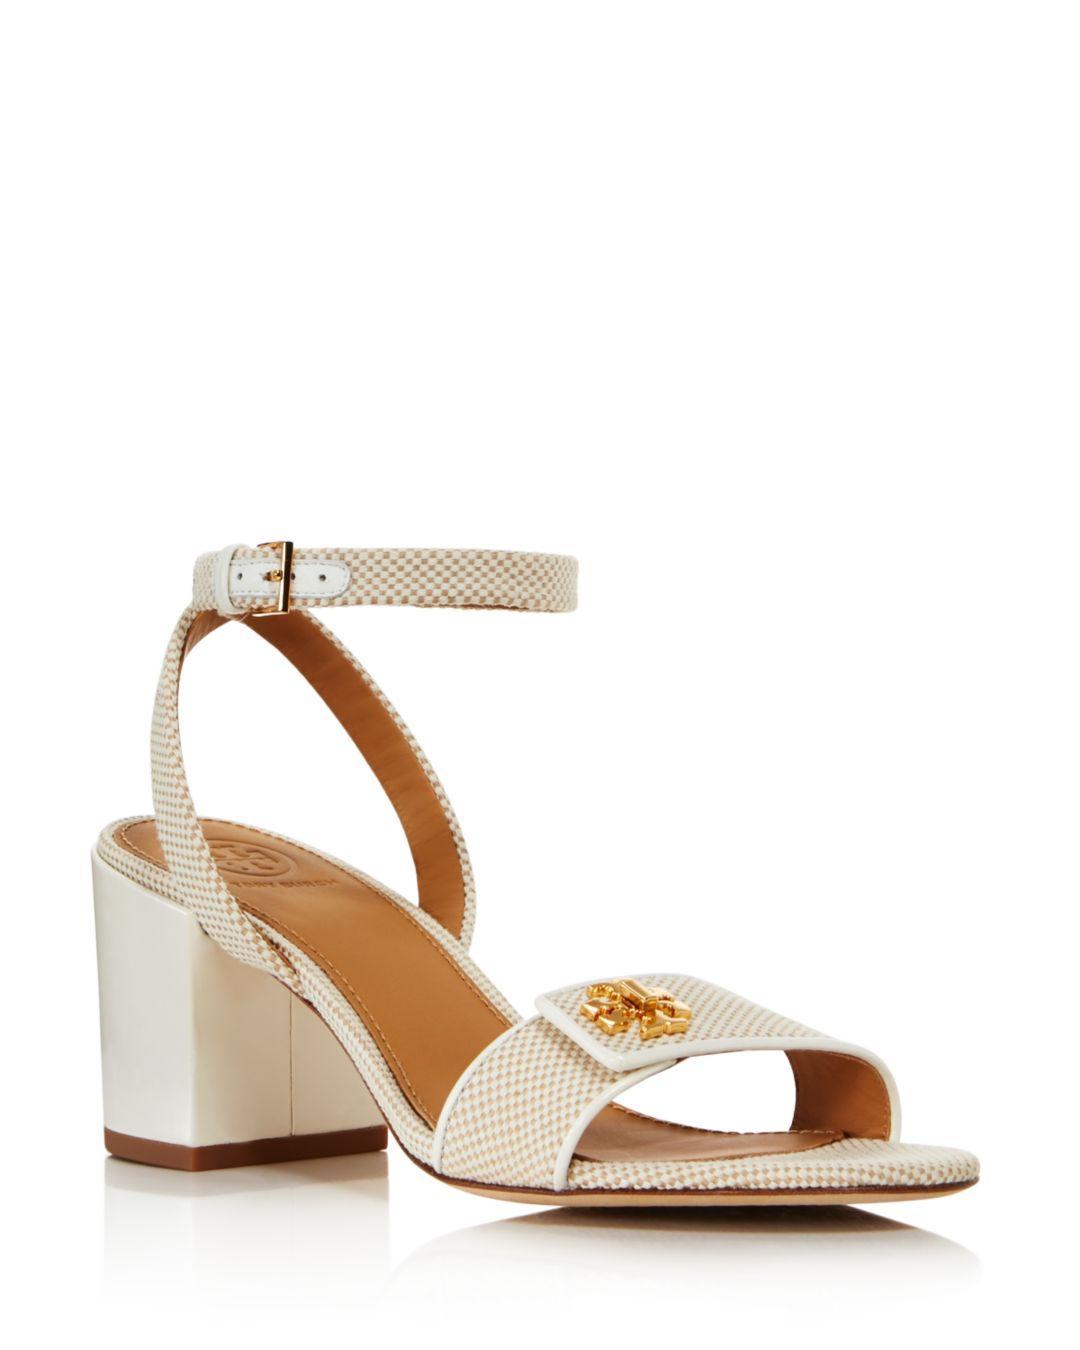 bdd3d57ba8fc Tory Burch Women s Kira Block Heel Sandals in Natural - Lyst